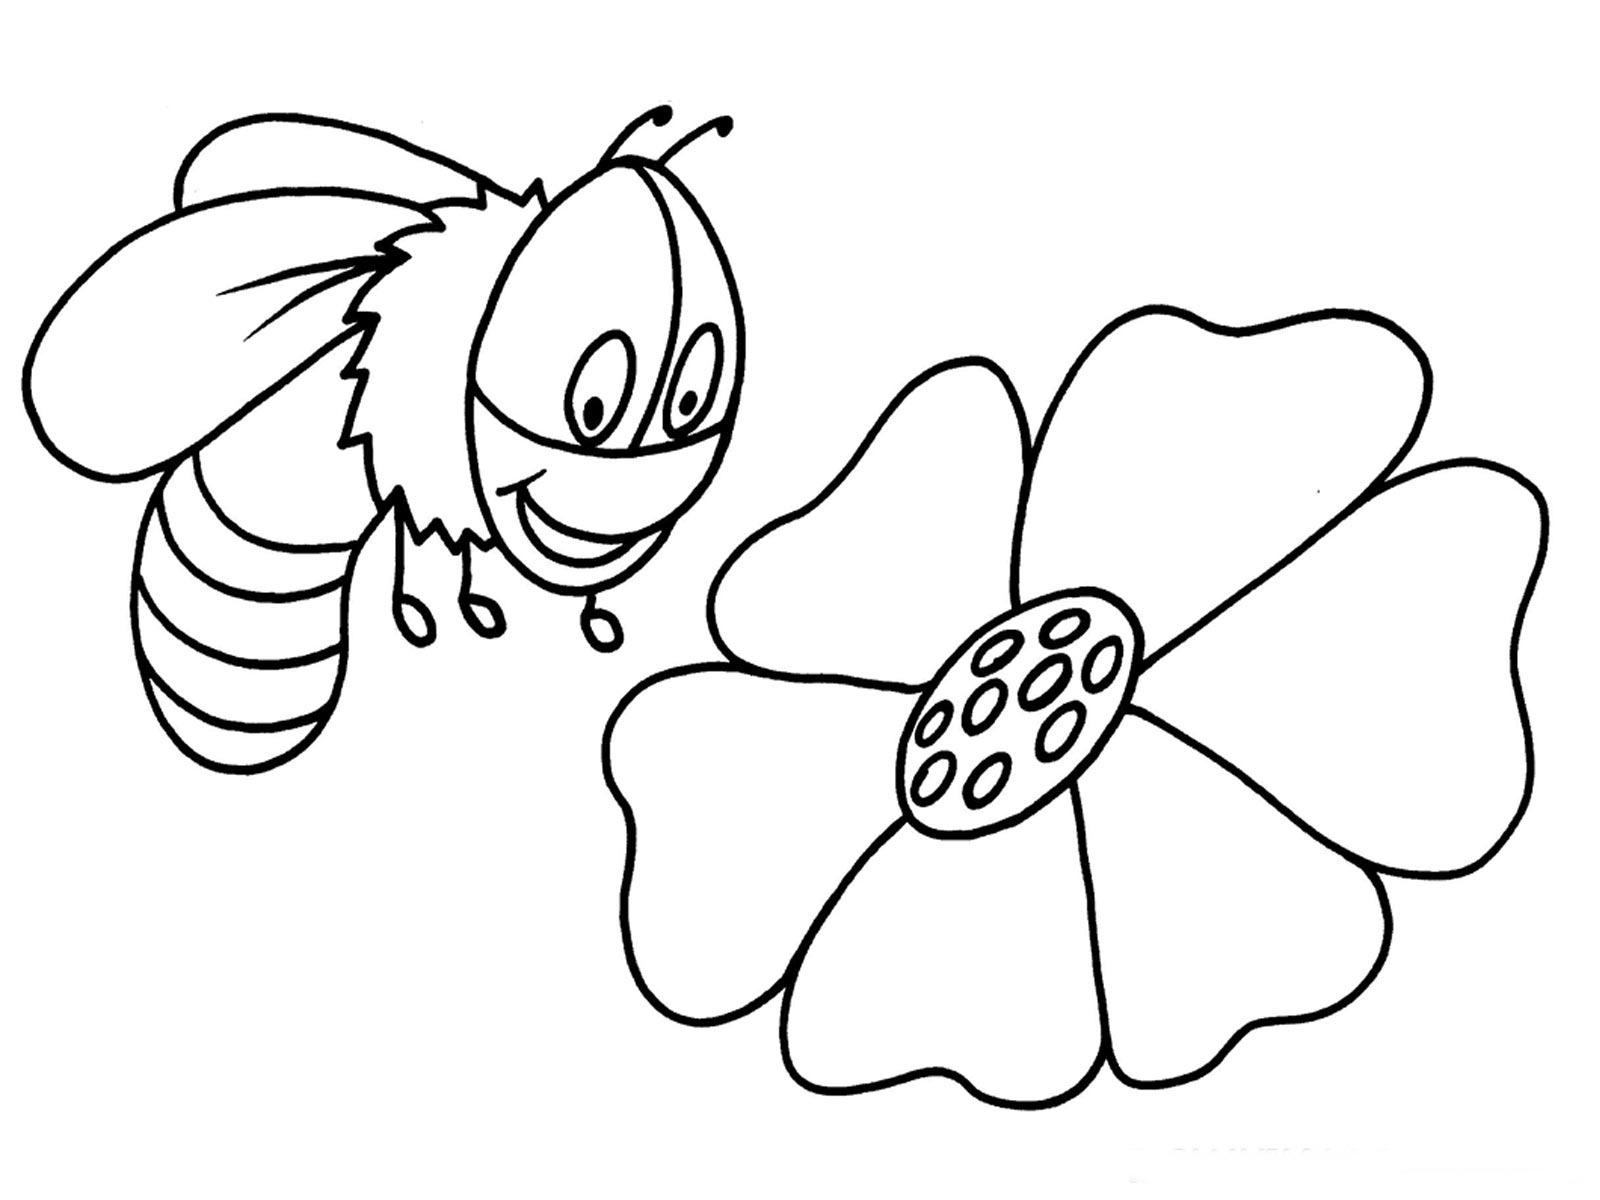 abeilles dessins à colorier realistic realistic dessins à colorier